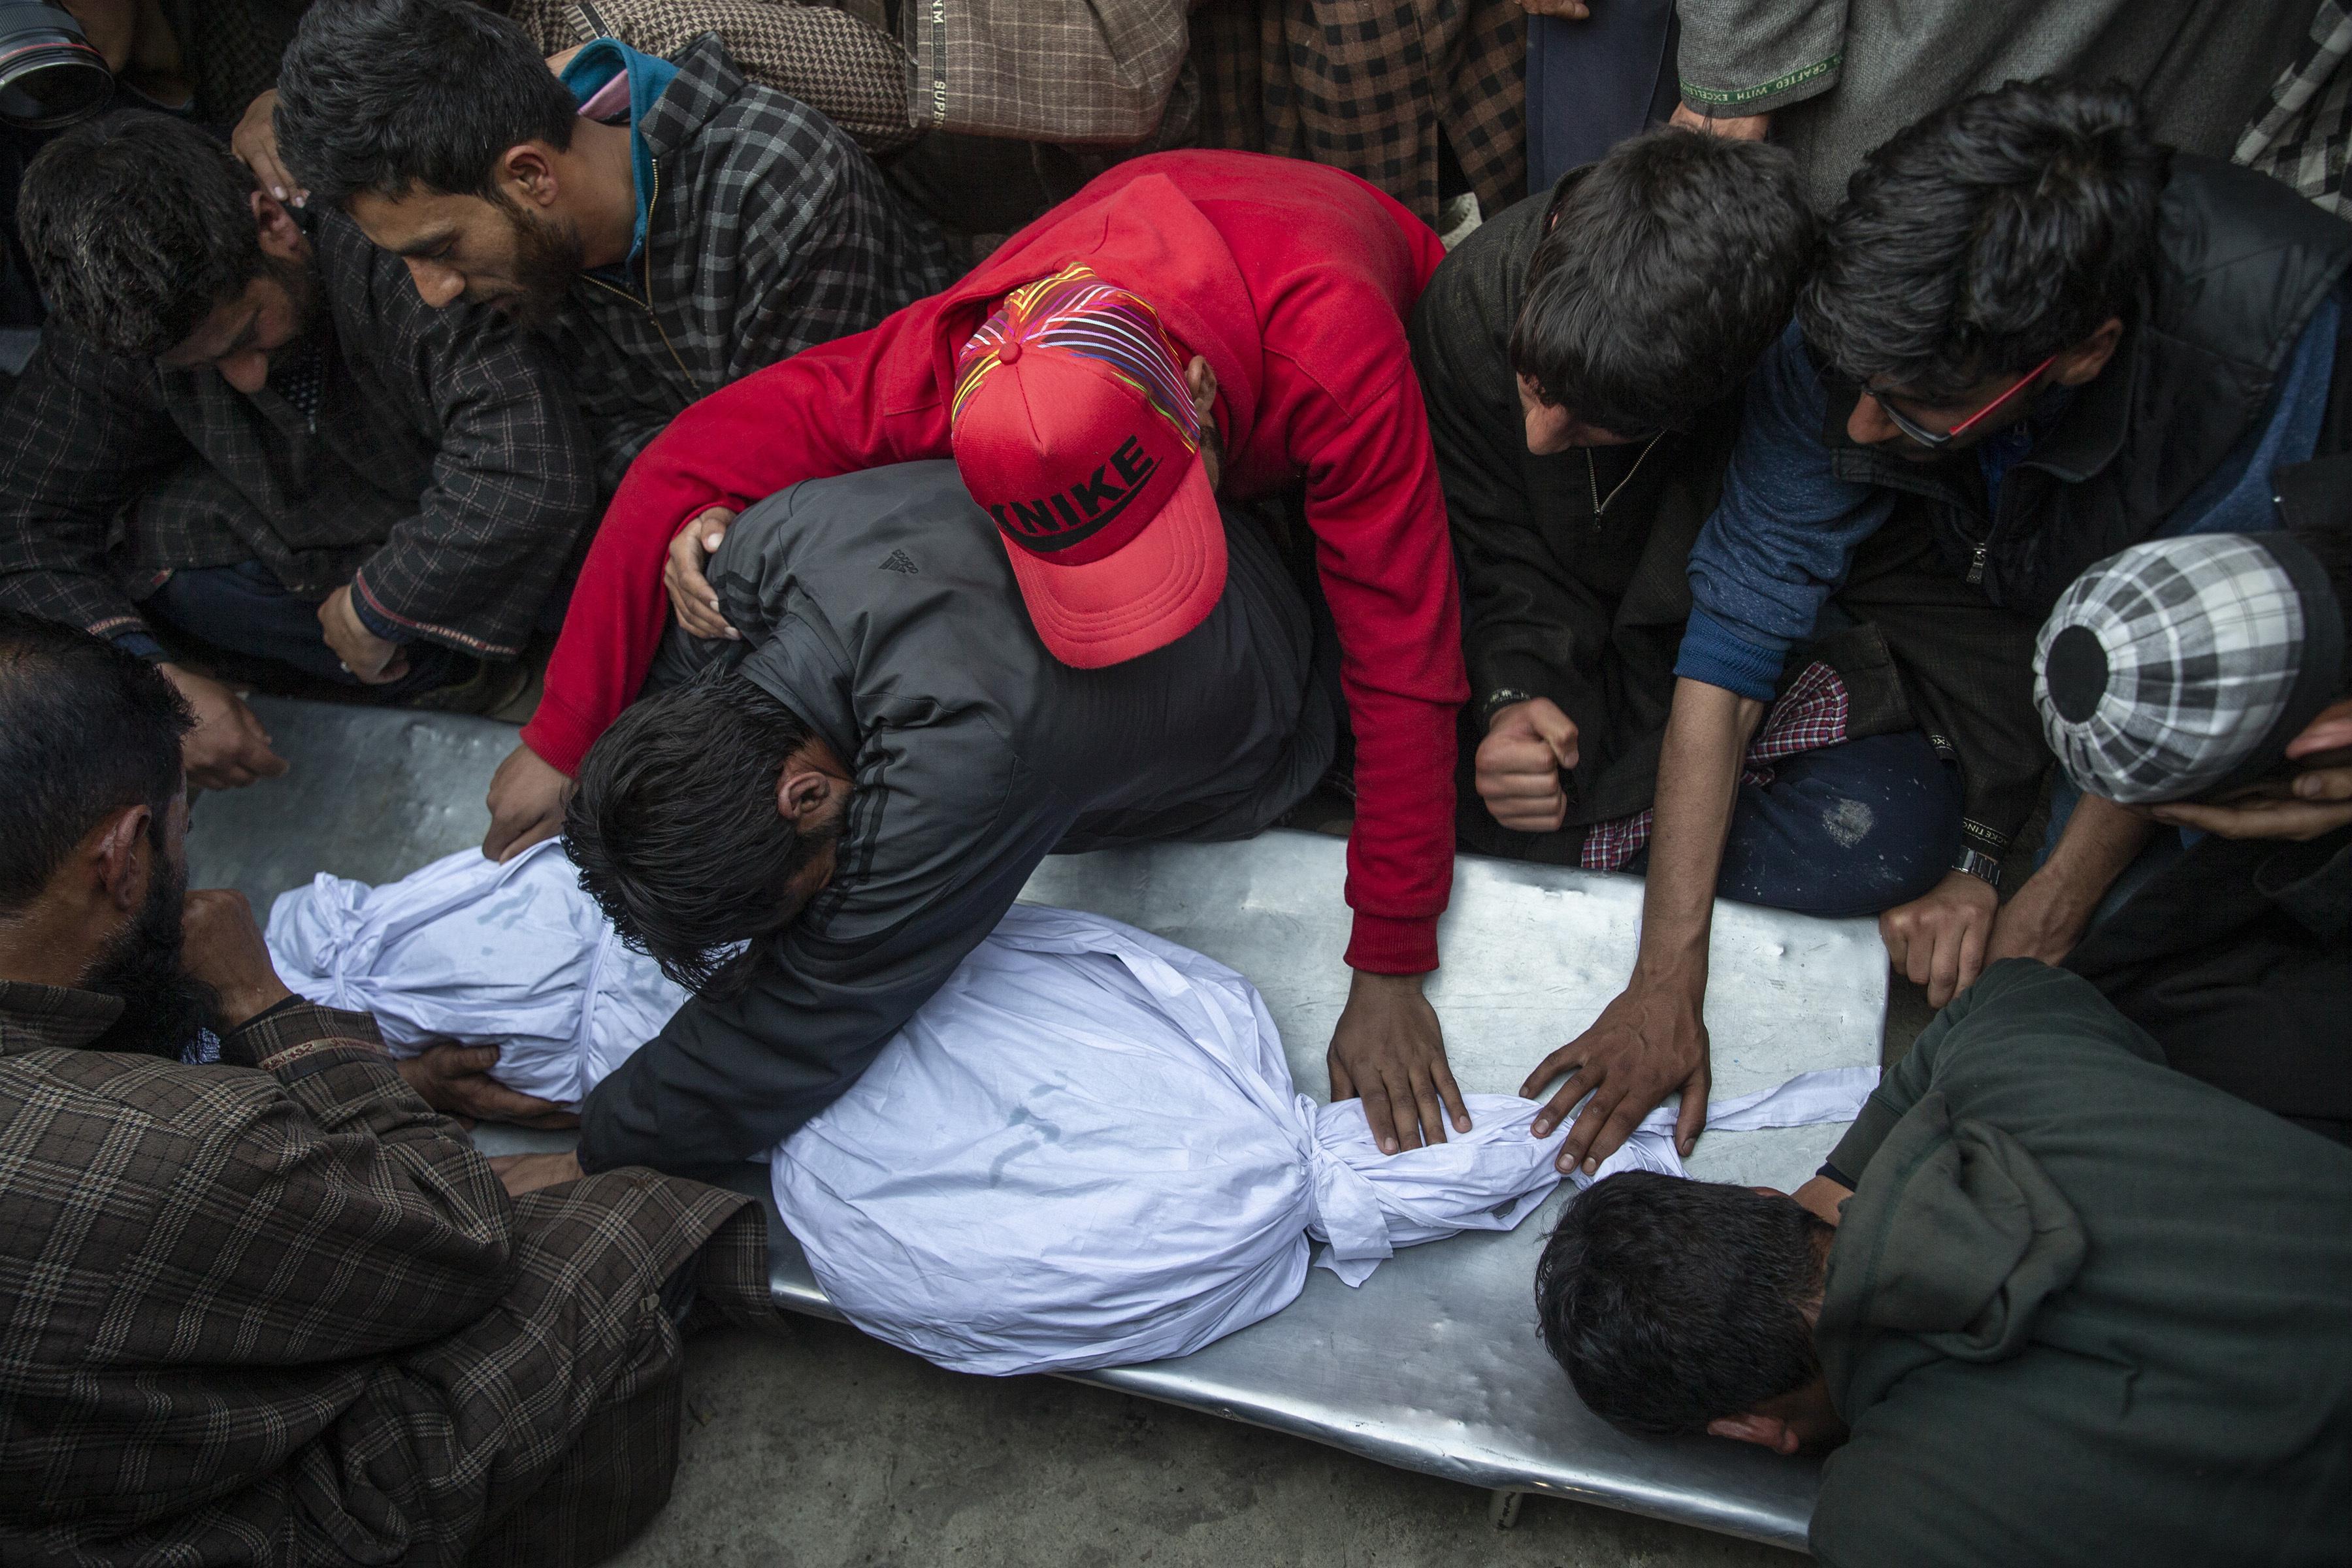 Los aldeanos de Cachemira se lamentan cerca del cuerpo de un niño de 11 años, Aatif Mir, durante su procesión fúnebre en la aldea de Hajin, al norte de Srinagar, controlada por los indios Cachemira, el 22 de marzo de 2019. (Foto AP / Dar Yasin)